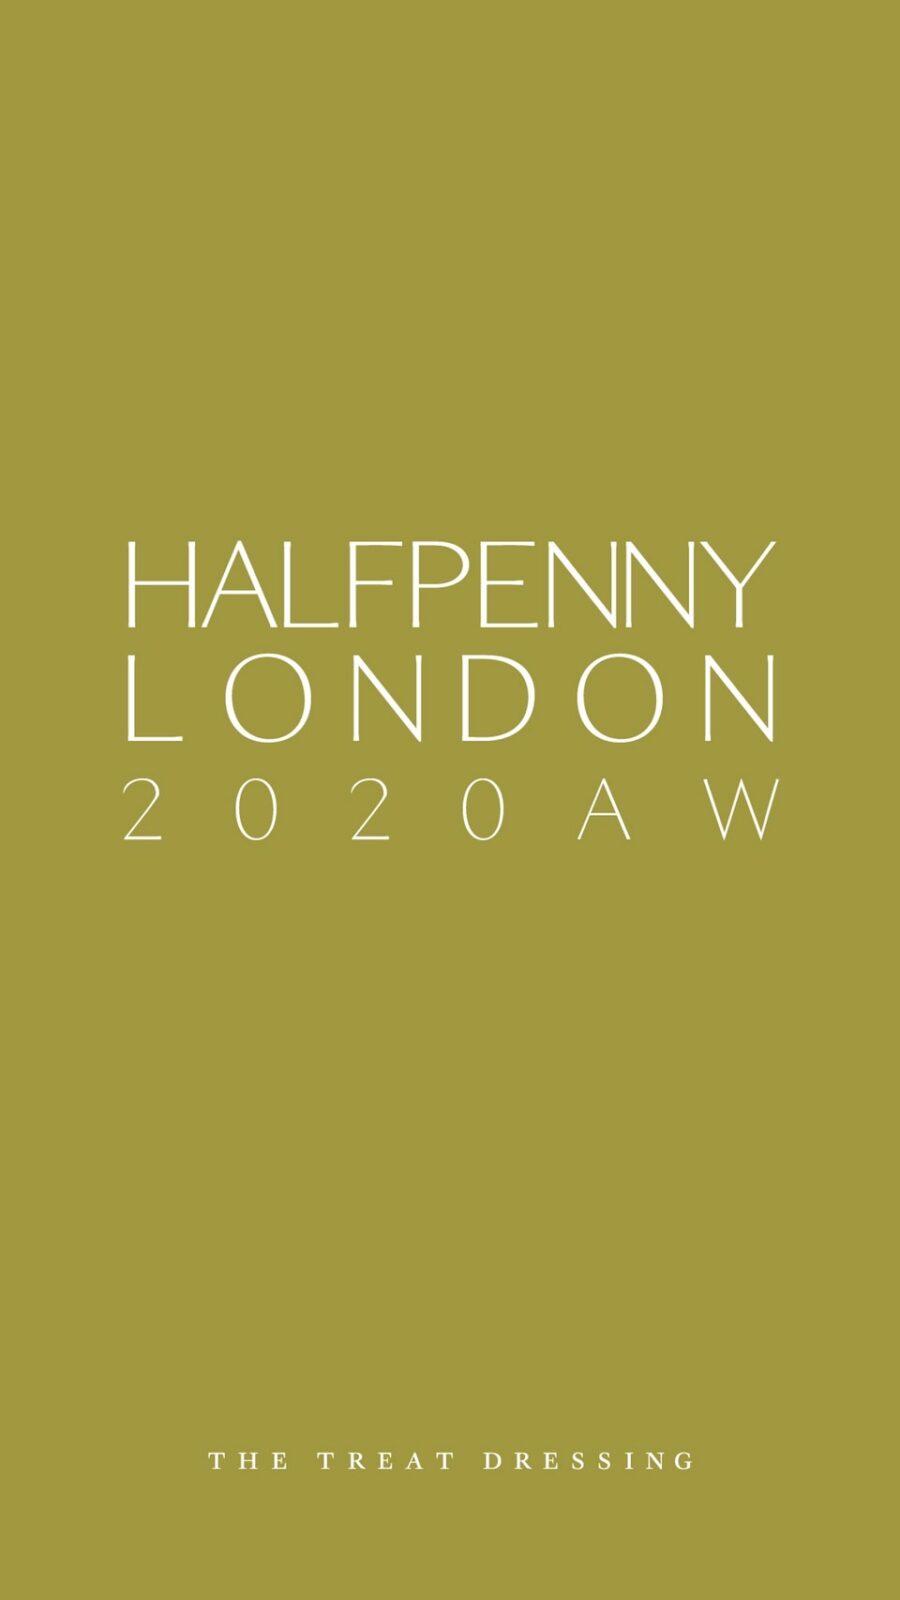 Halfpenny London(ハーフペニー・ロンドン)のご紹介